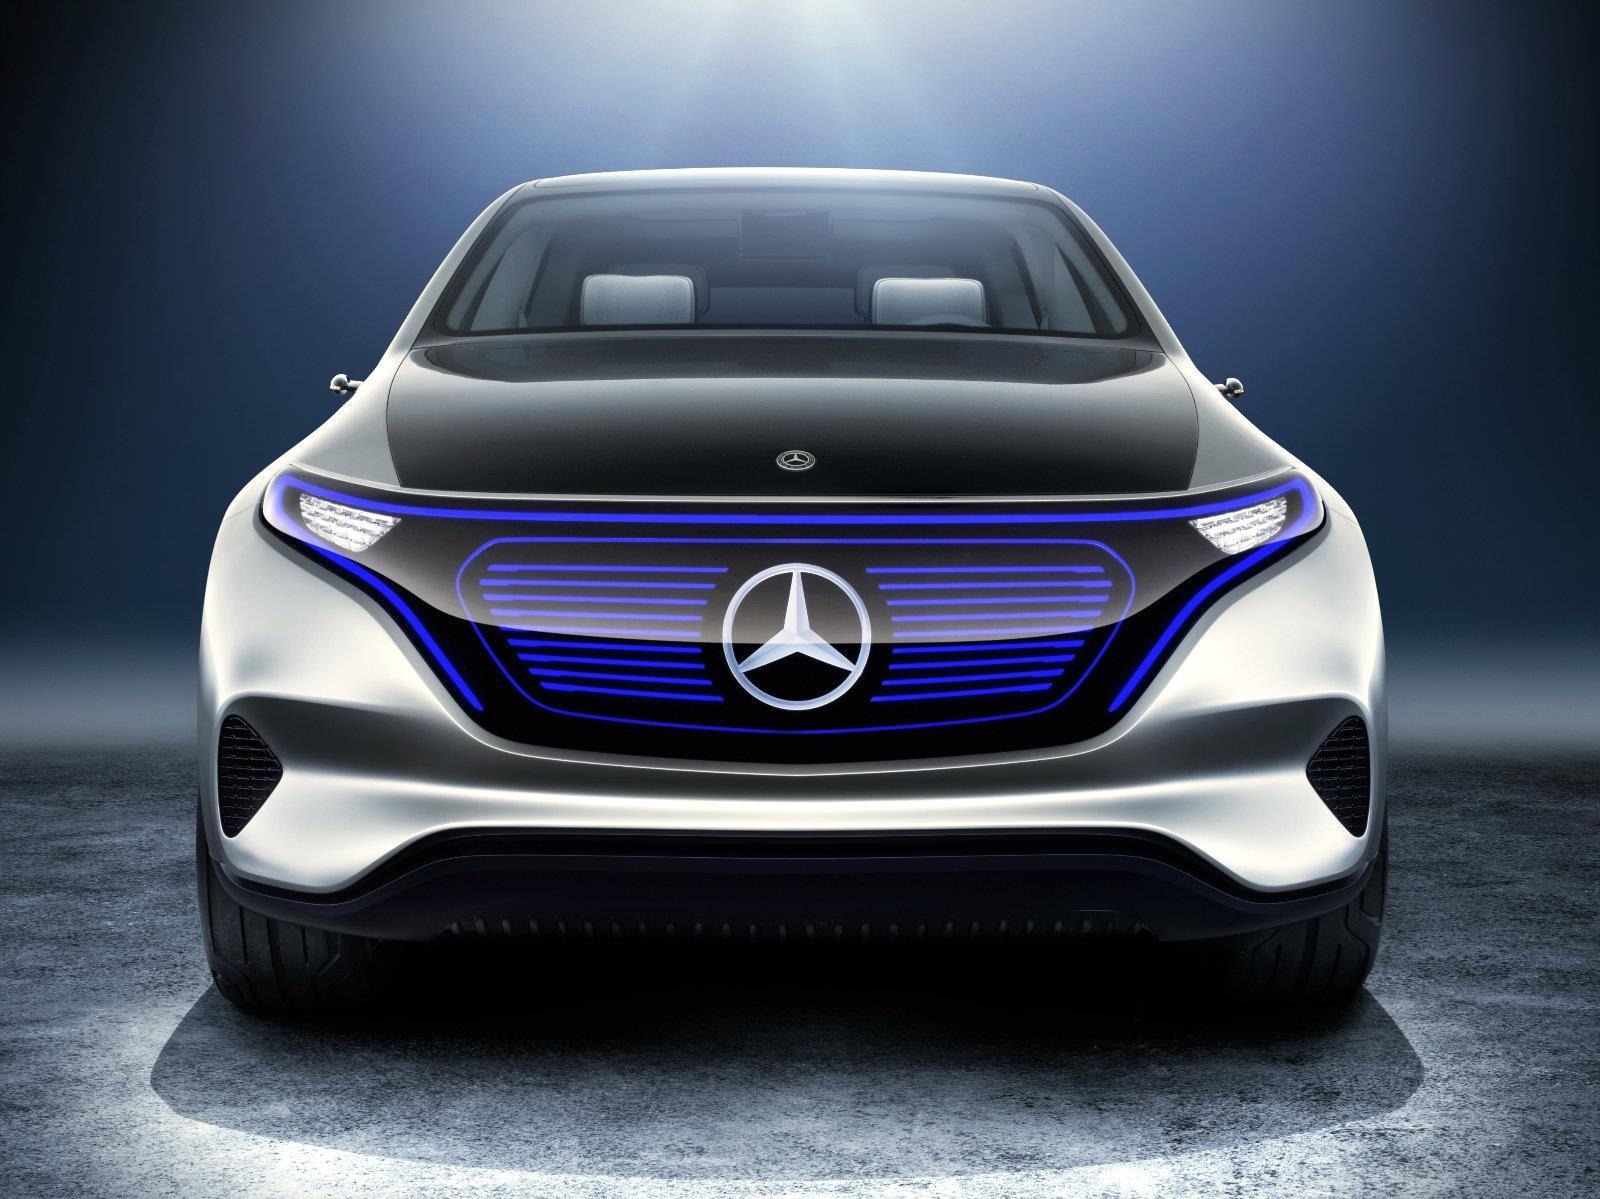 Chery demanda a Mercedes-Benz en China